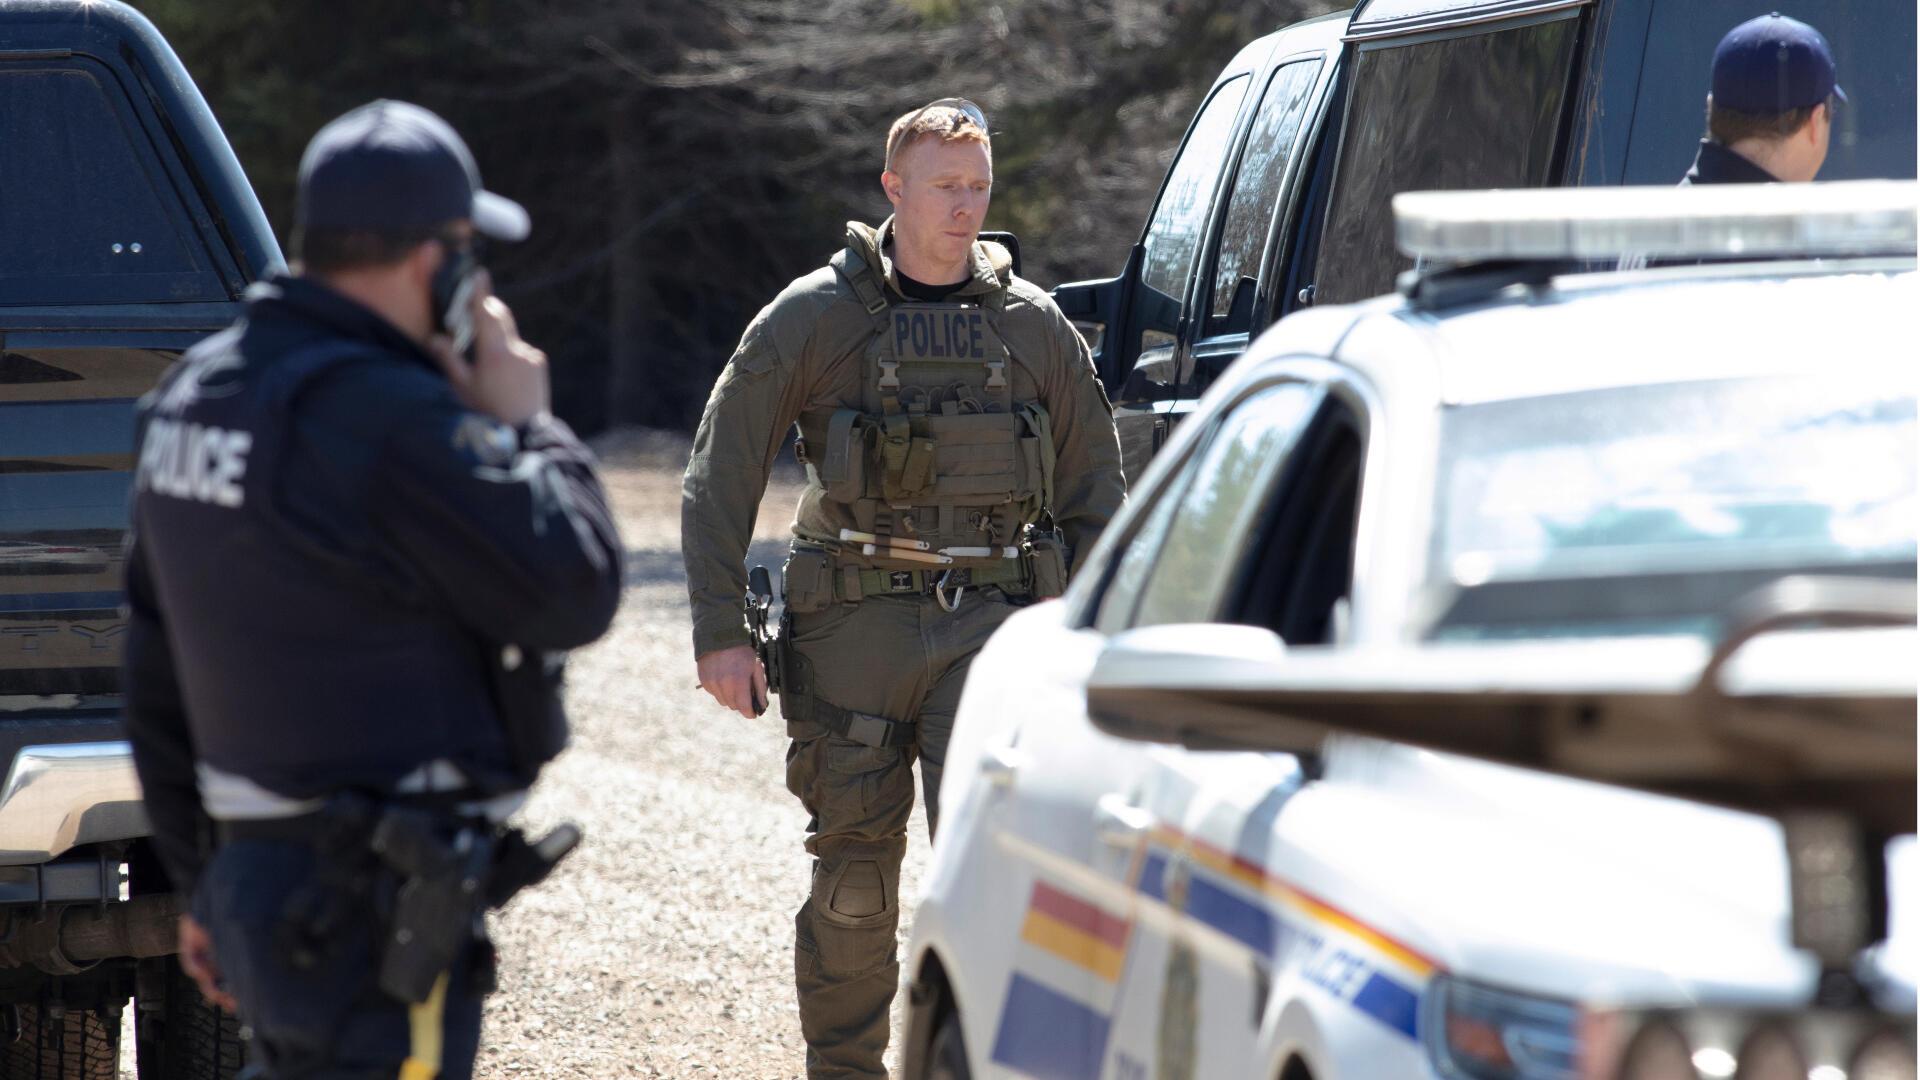 В Канаде инцидент стал самым кровопролитным за последние 30 лет. Жертвами стрельбы стали 16 человек, стрелок был убит.